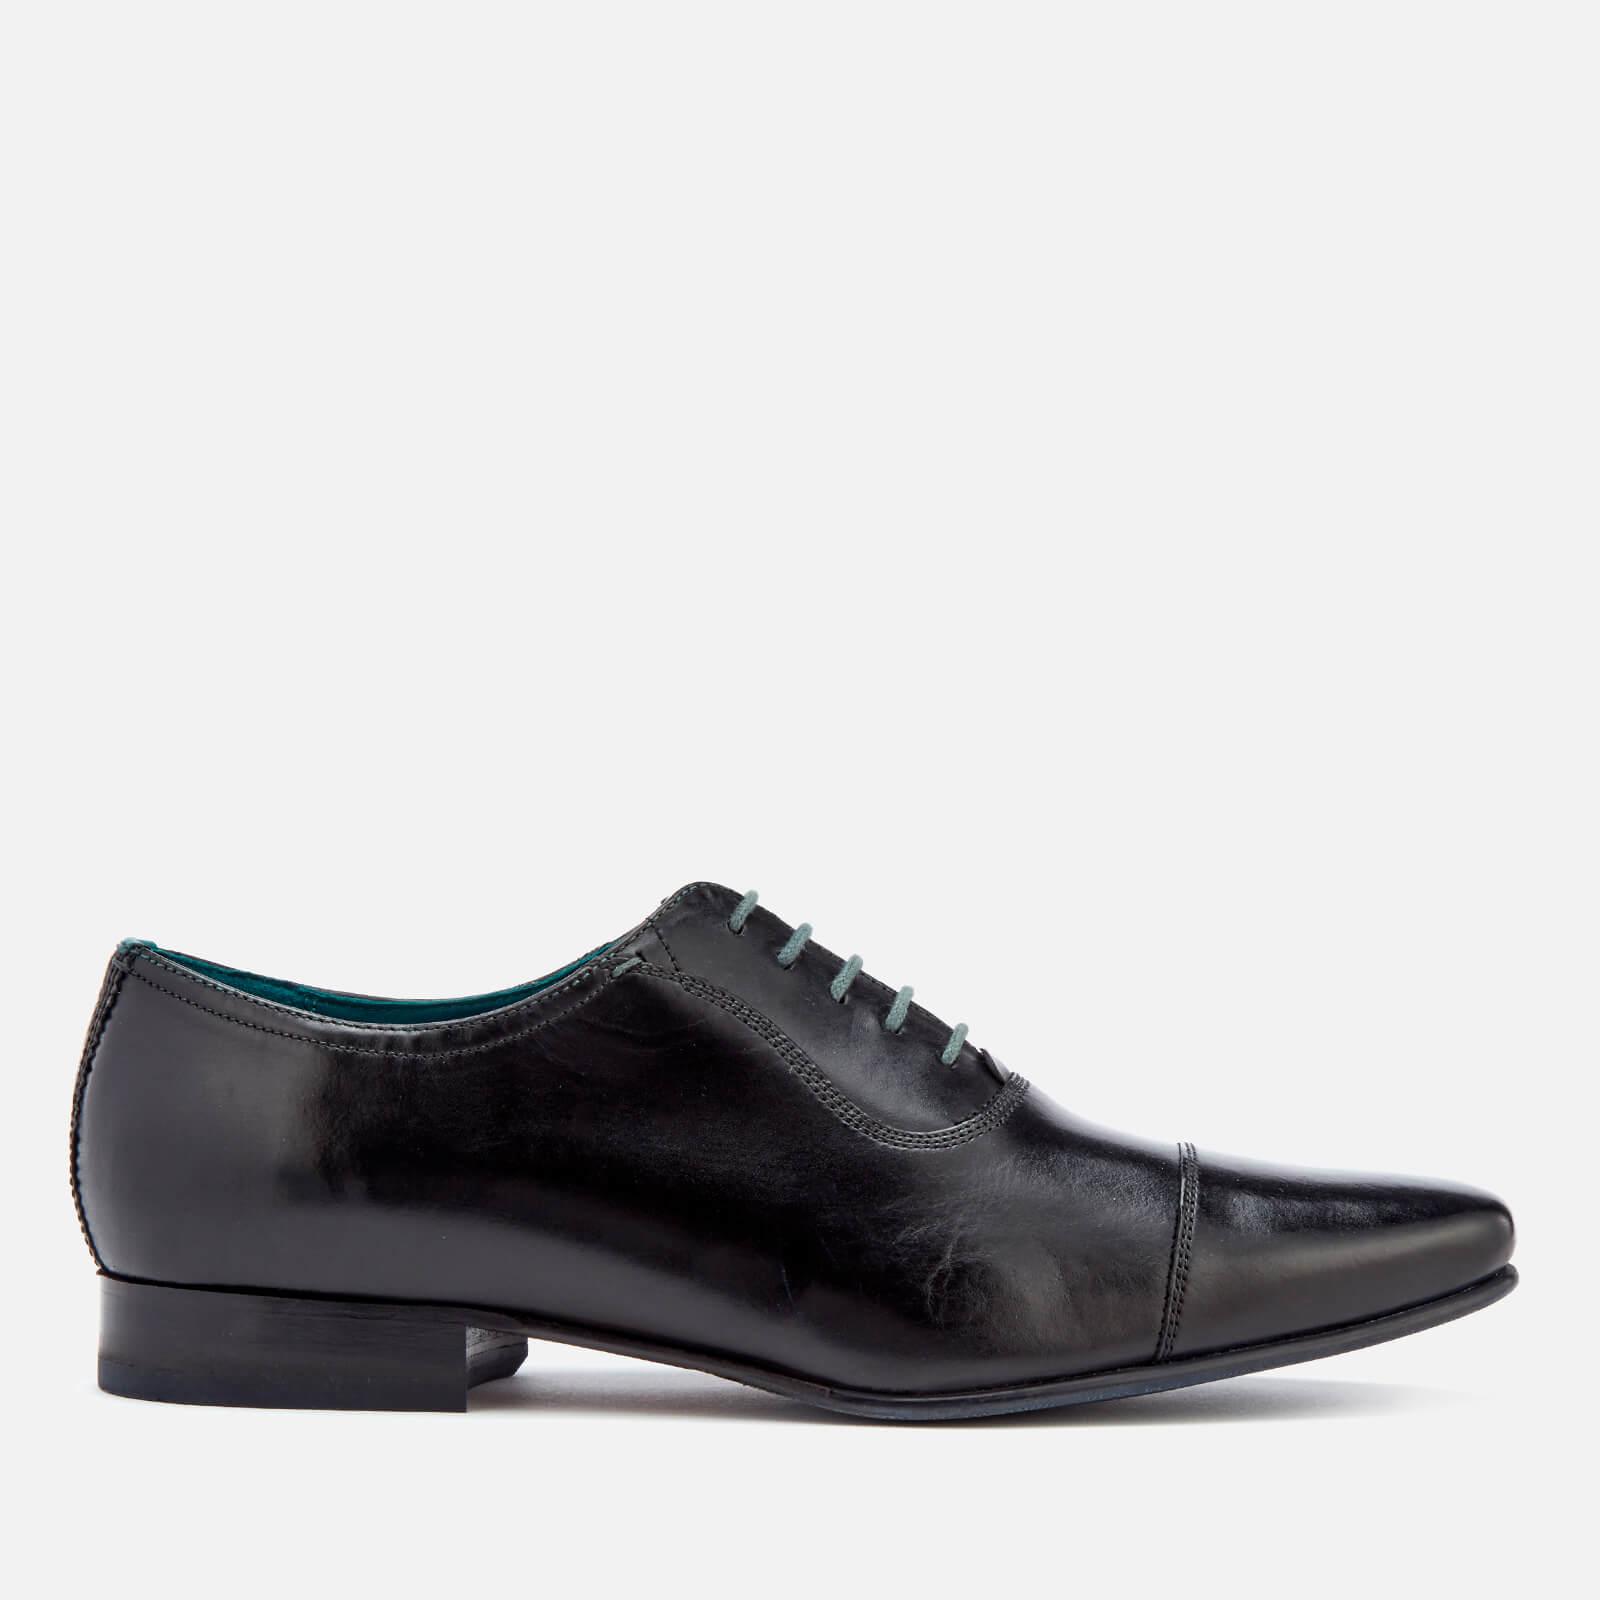 Ted Baker Men's Karney Leather Toe-Cap Oxford Shoes - Black - UK 9